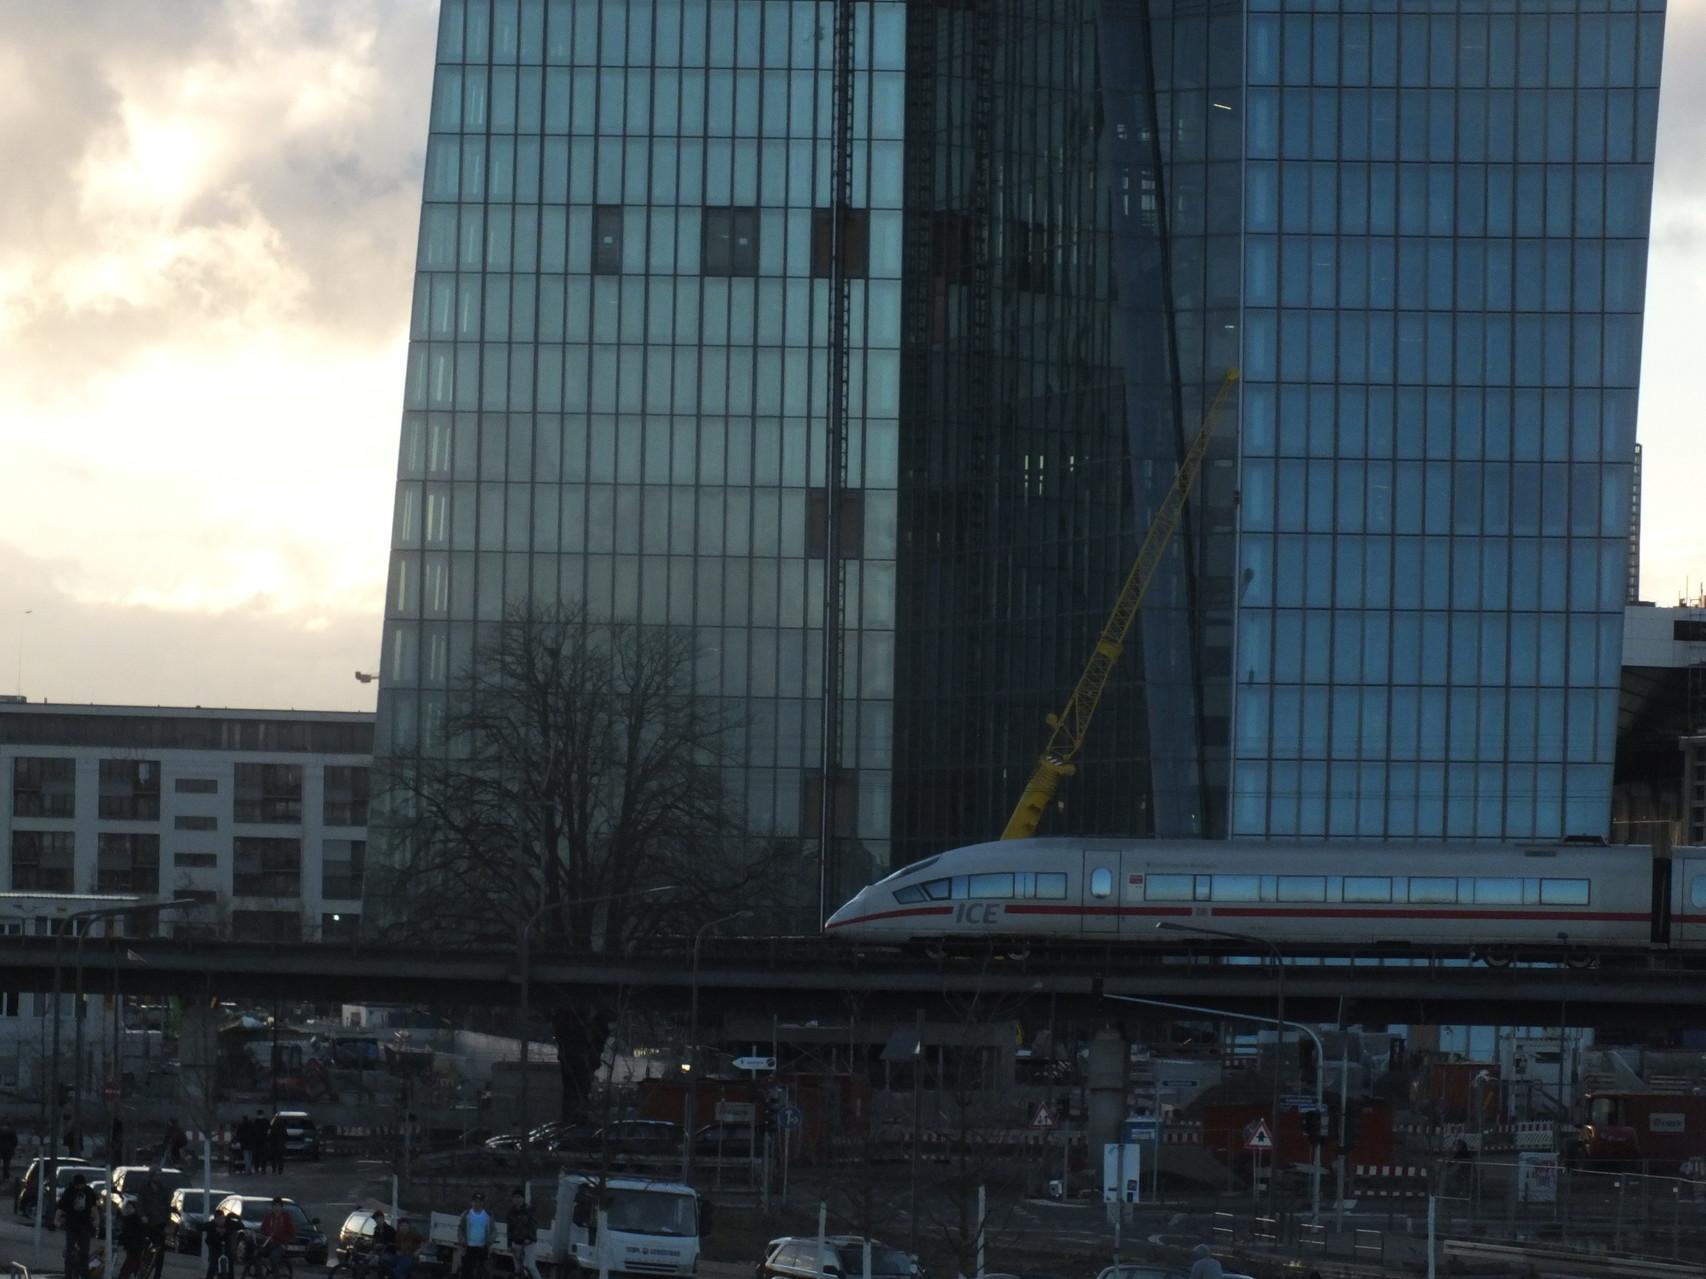 EZB mit davor verlaufender Schienentrasse